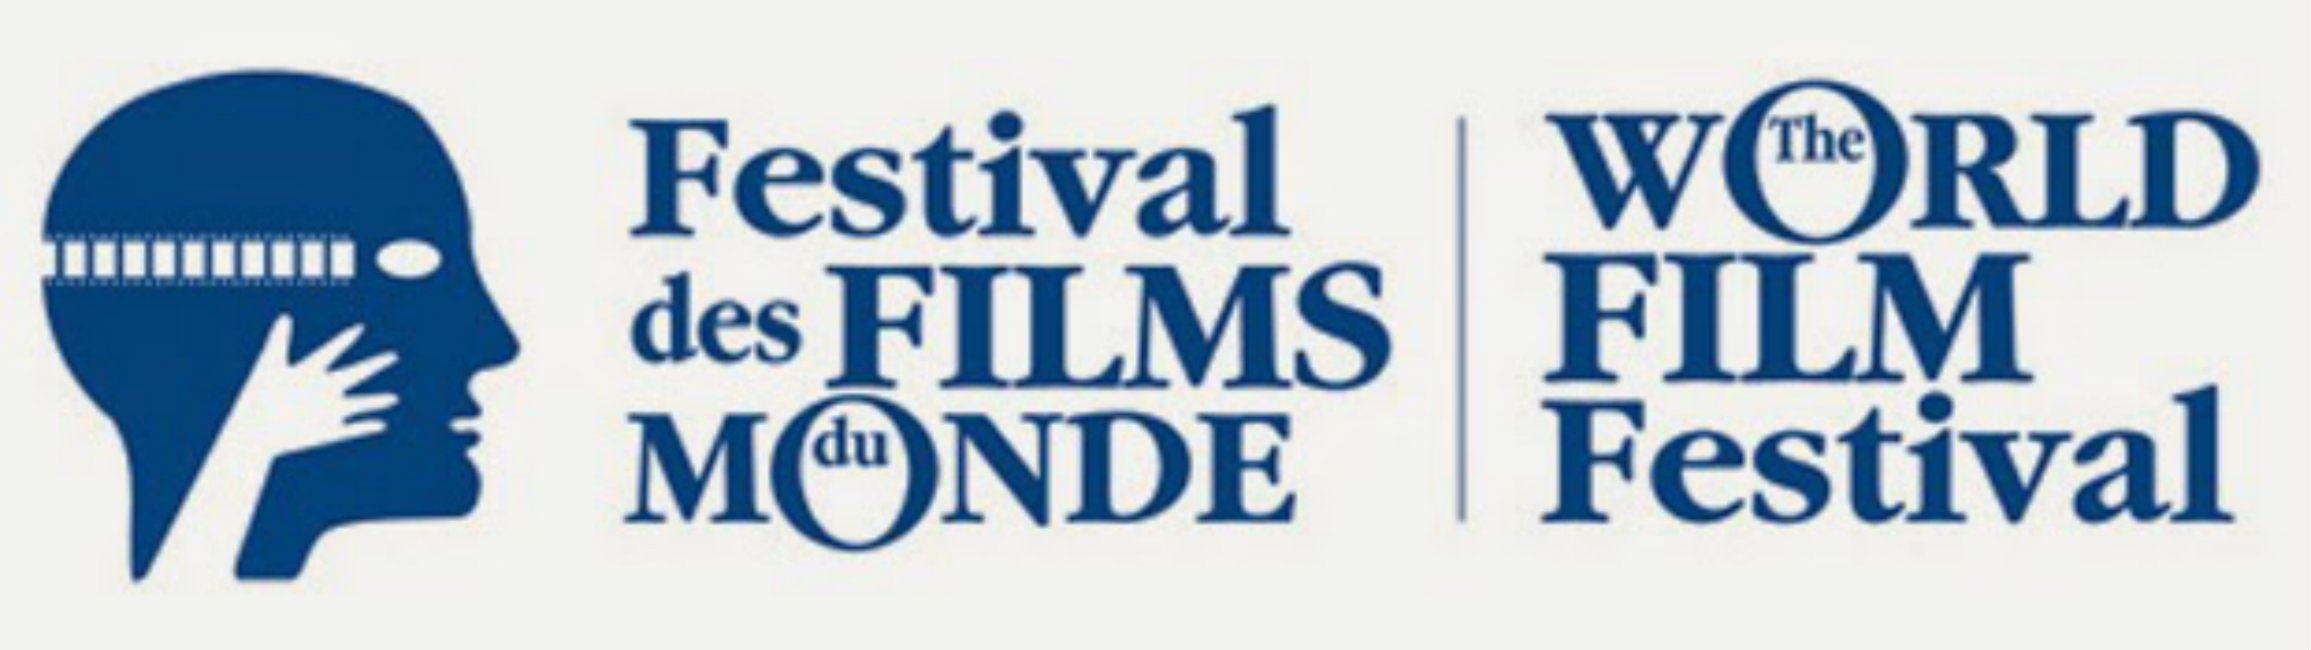 Festival des Films Monde